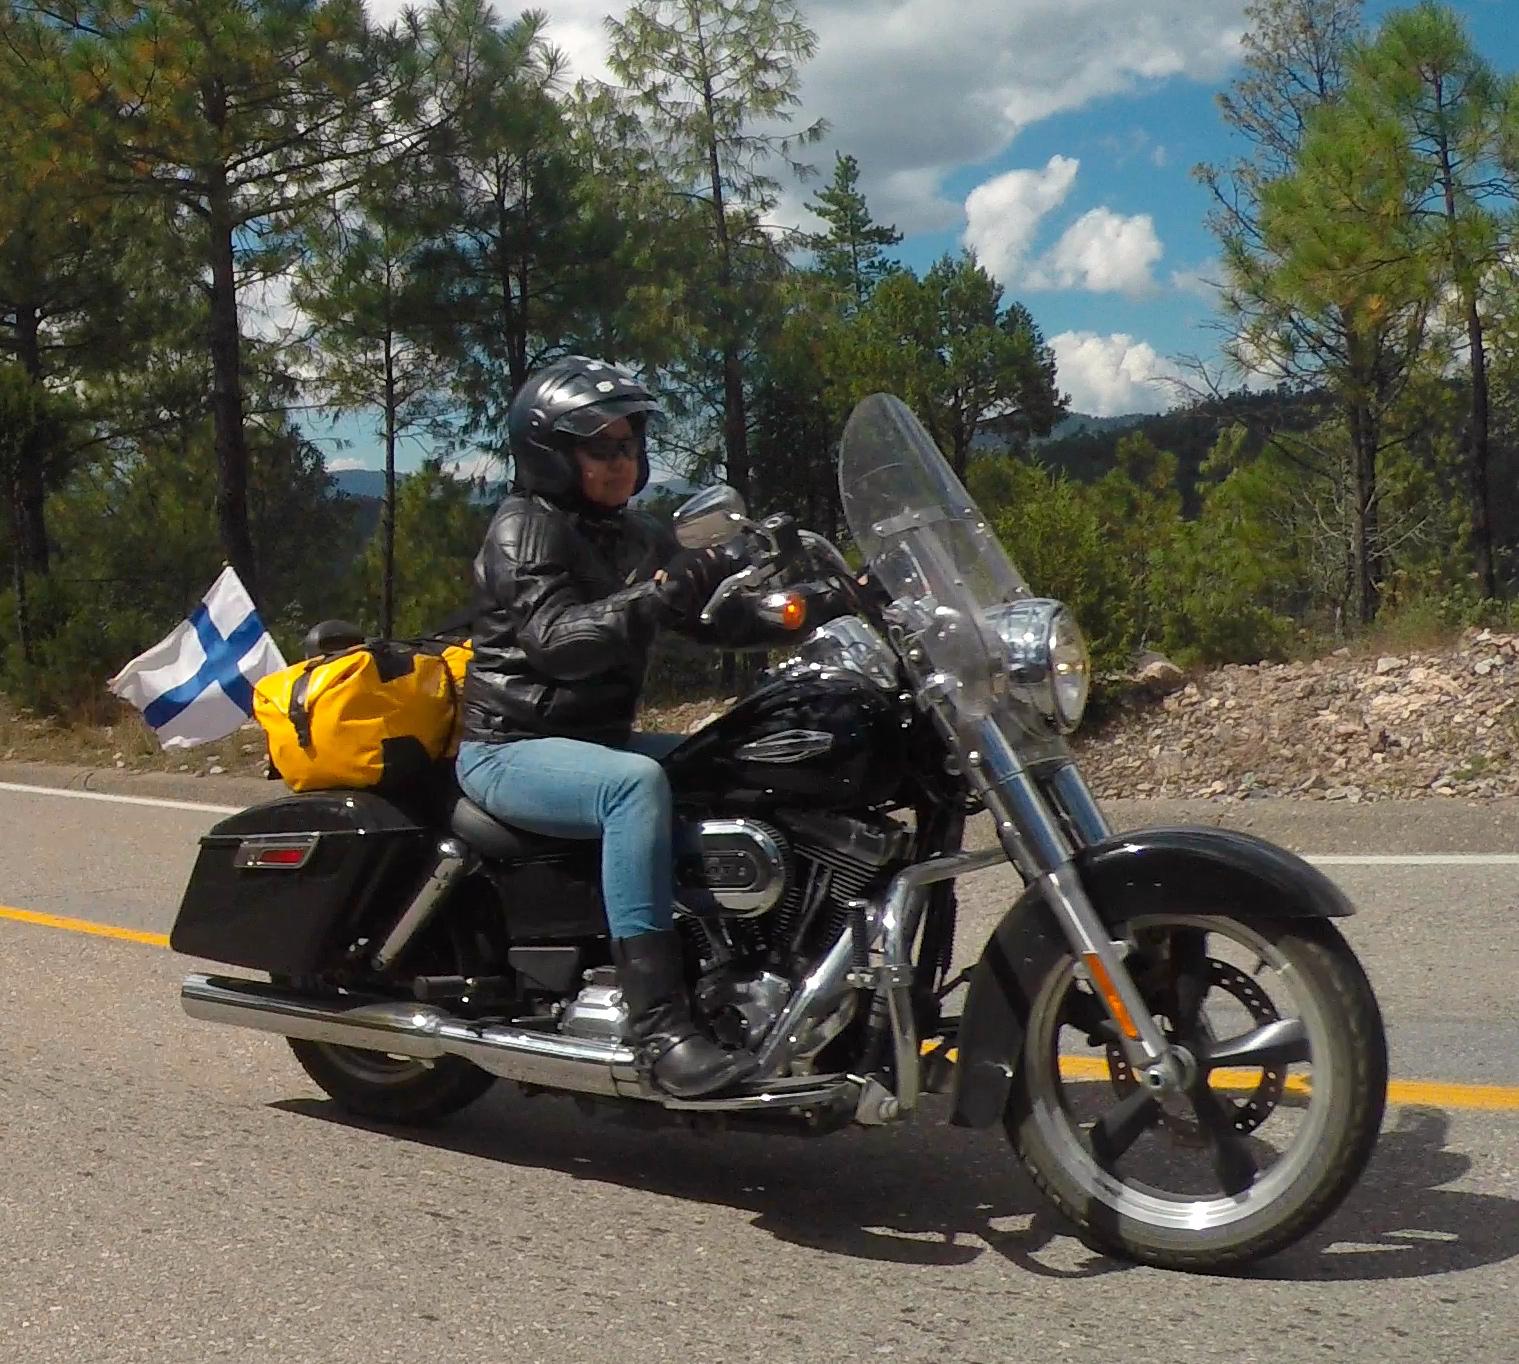 Telle ja Tuire liput hulmuten Sierra Madren maisemissa :)